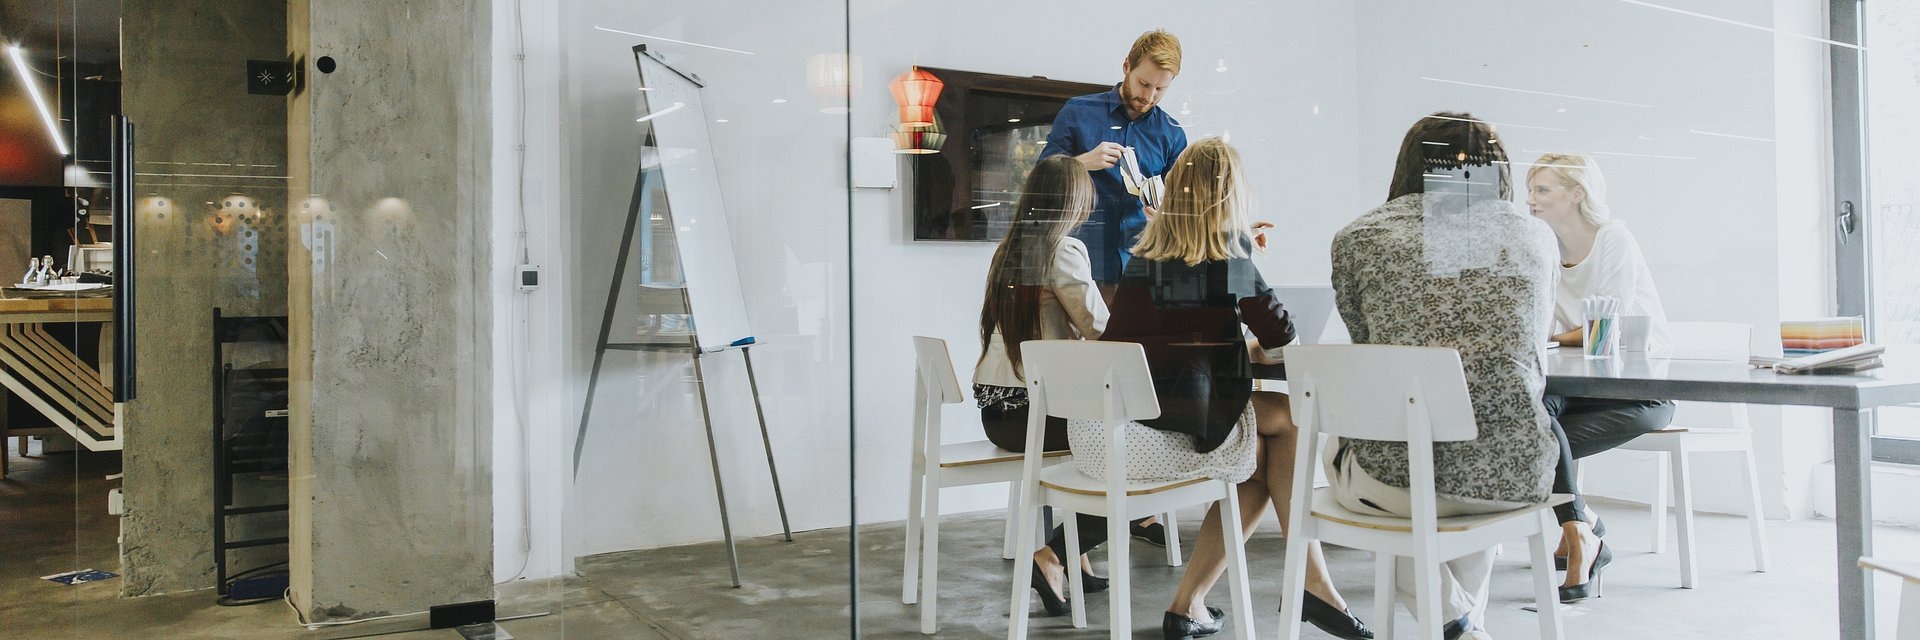 Flexibilní kancelářské prostory; přizpůsobila se již vaše společnost?